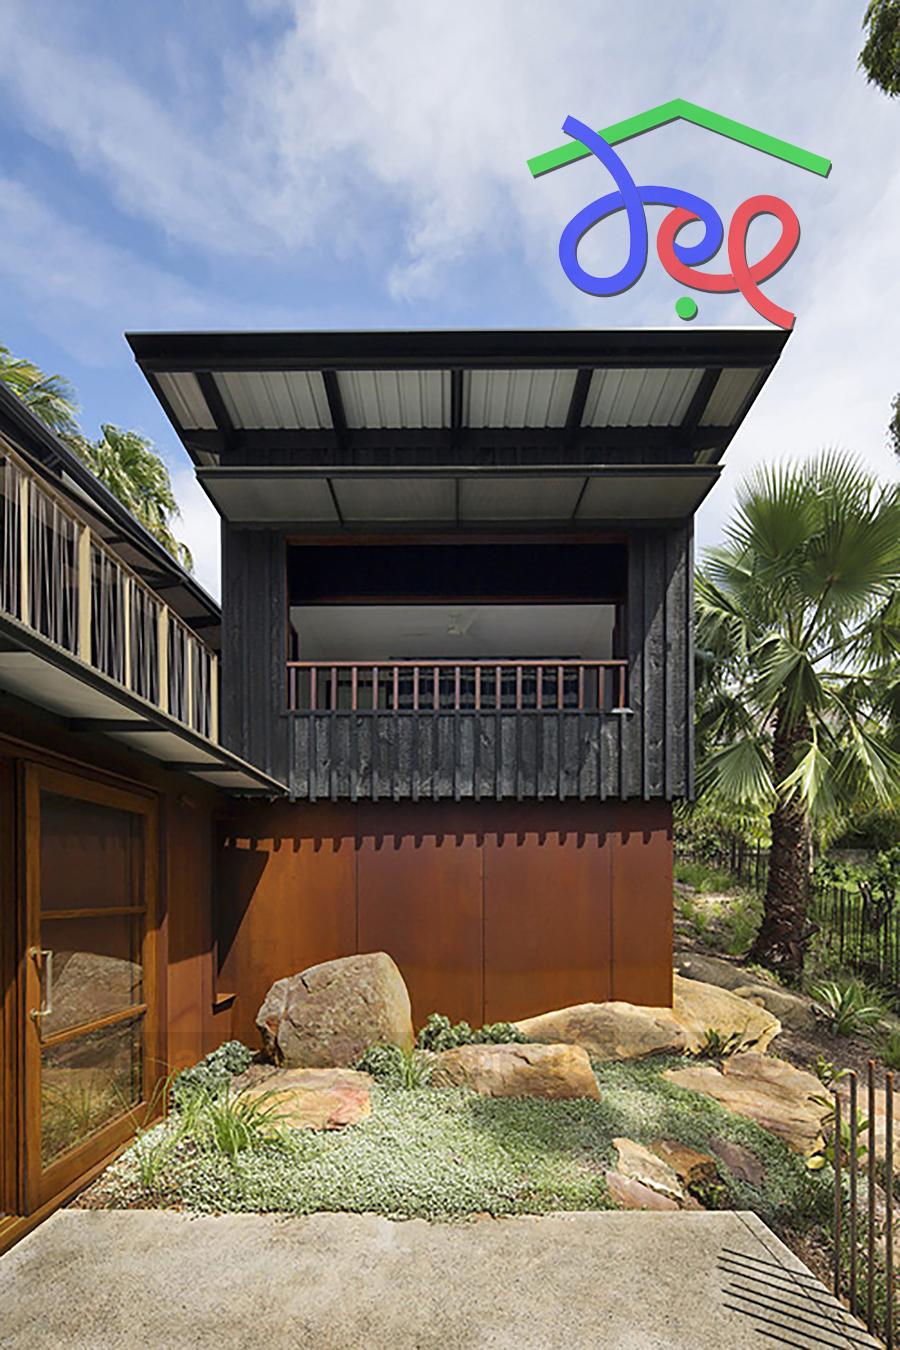 Thiết kế nhà nghỉ 2 tầng bên bờ biển ở Australia